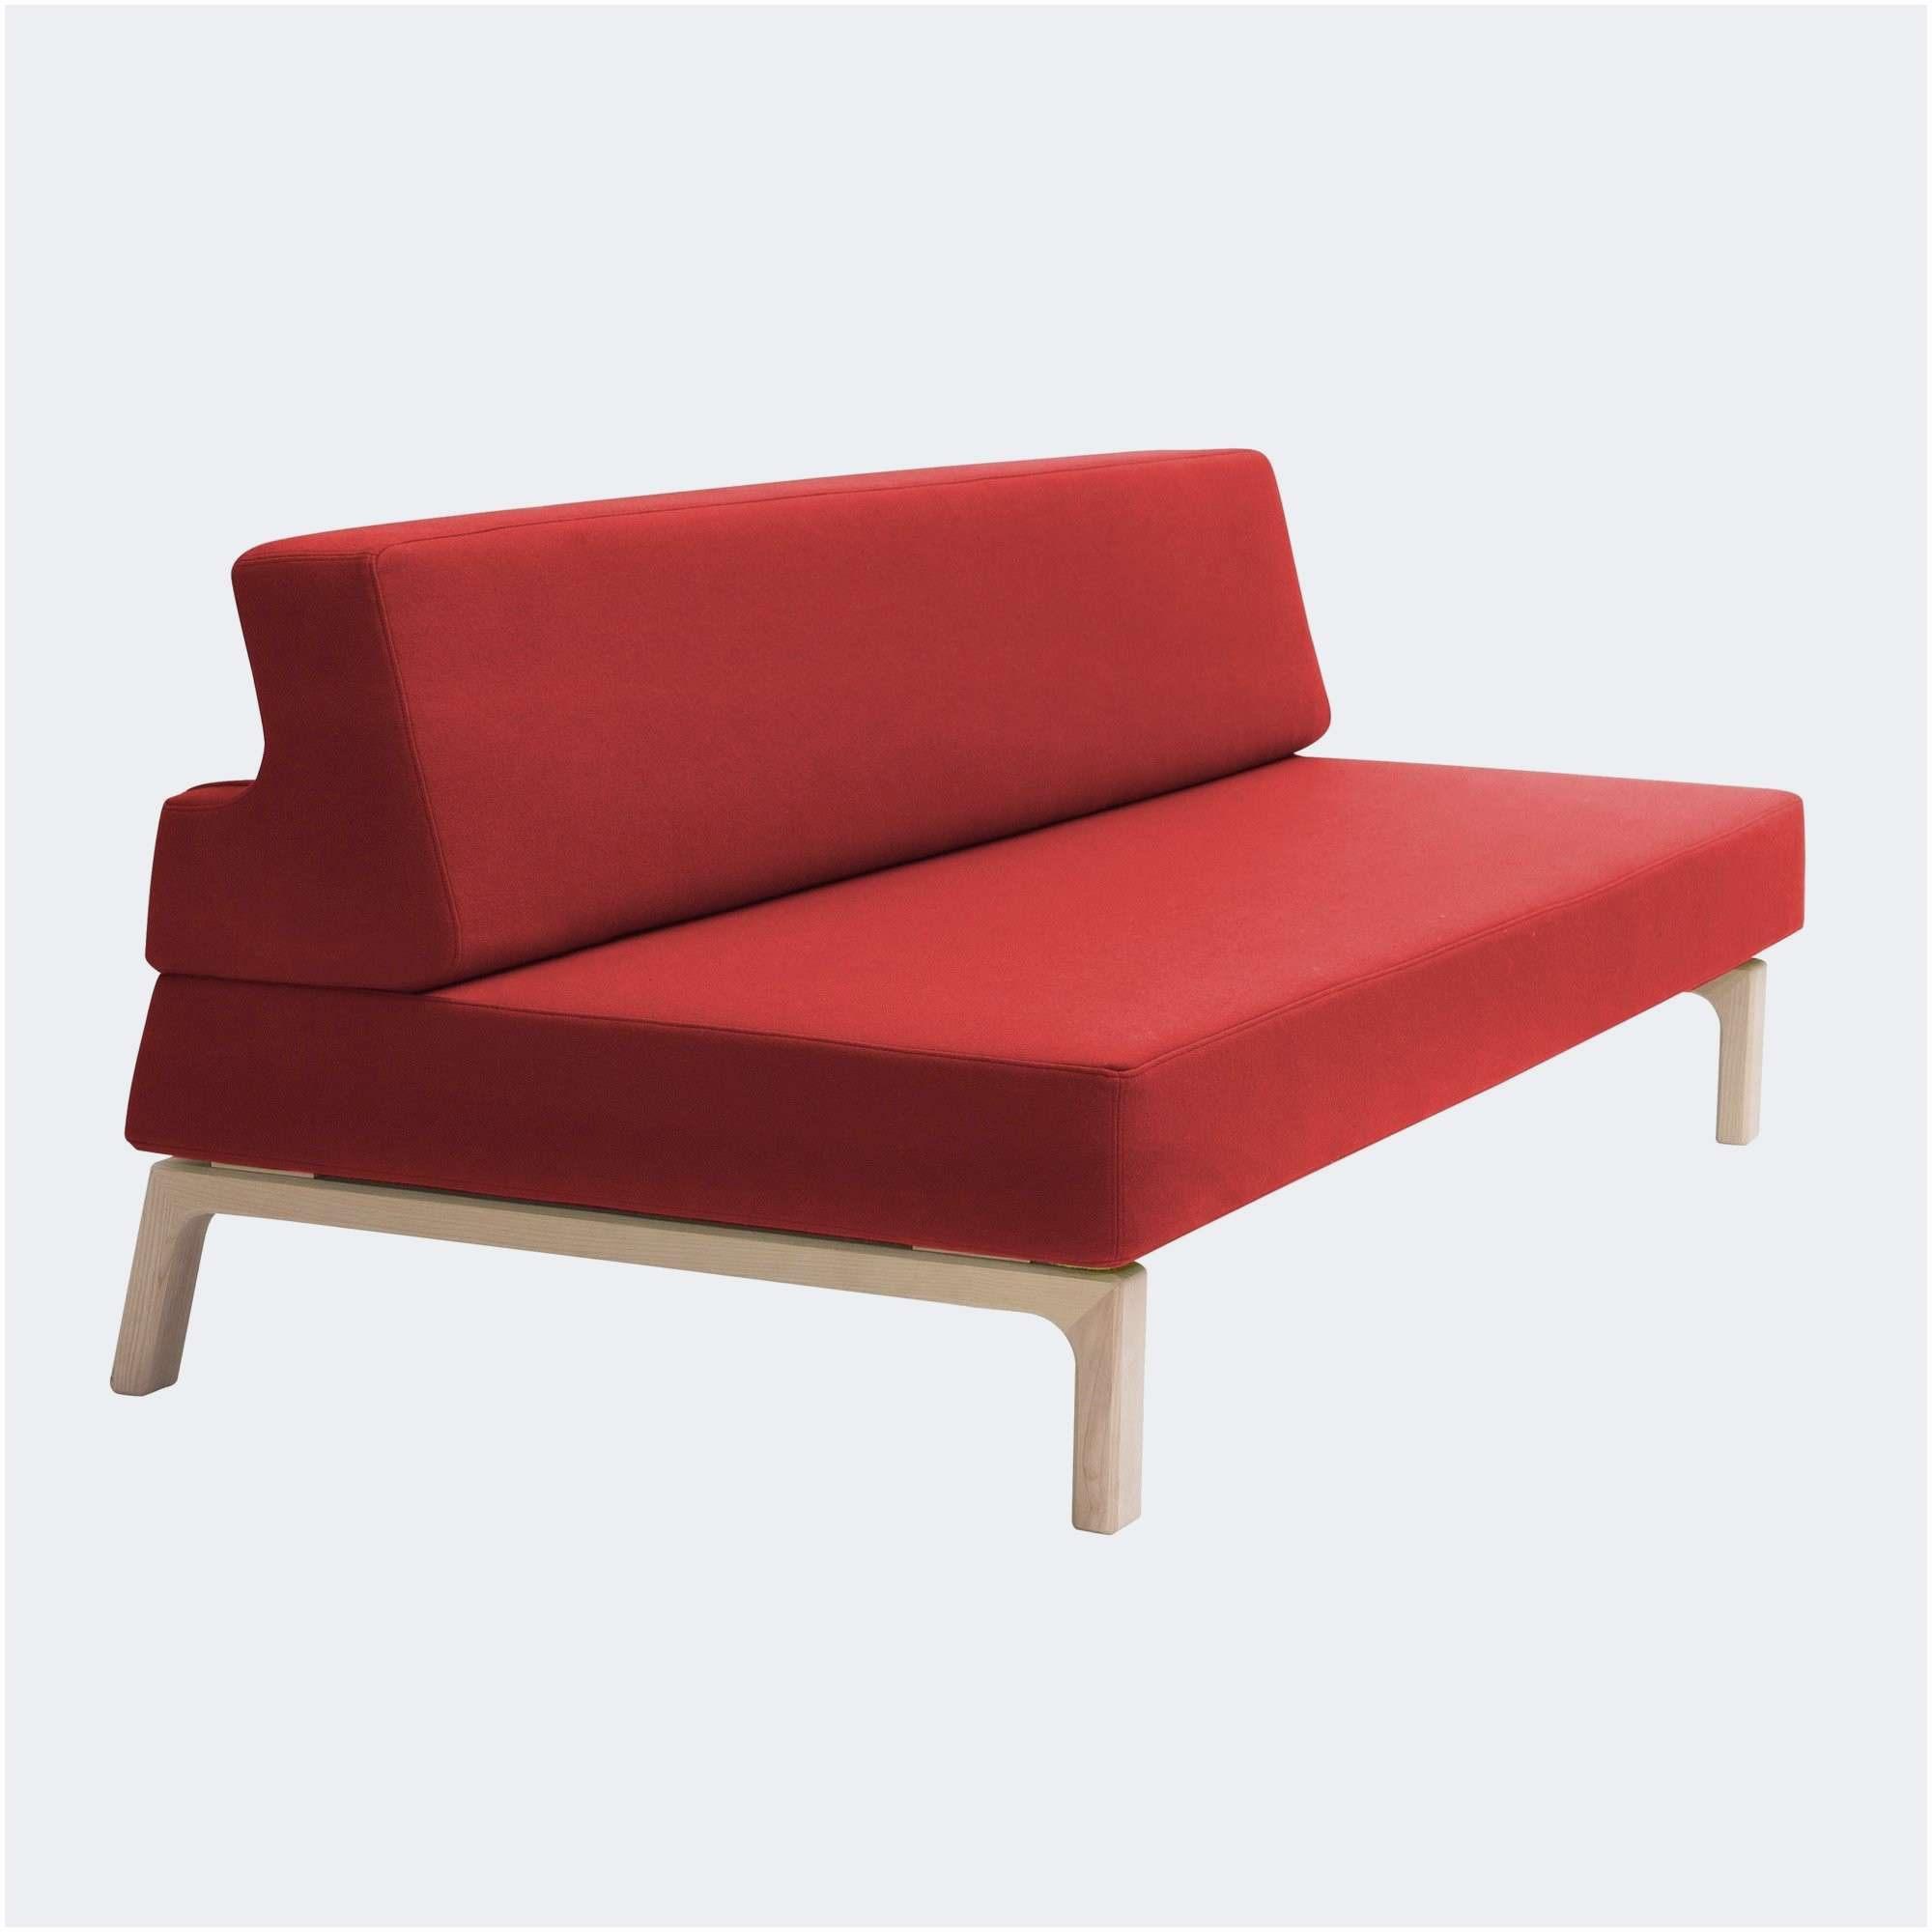 Lit Superposé but Élégant Nouveau Canapé 2 Angles Canap Lit Rouge 3 C3 A9 Design Tgm872 ton